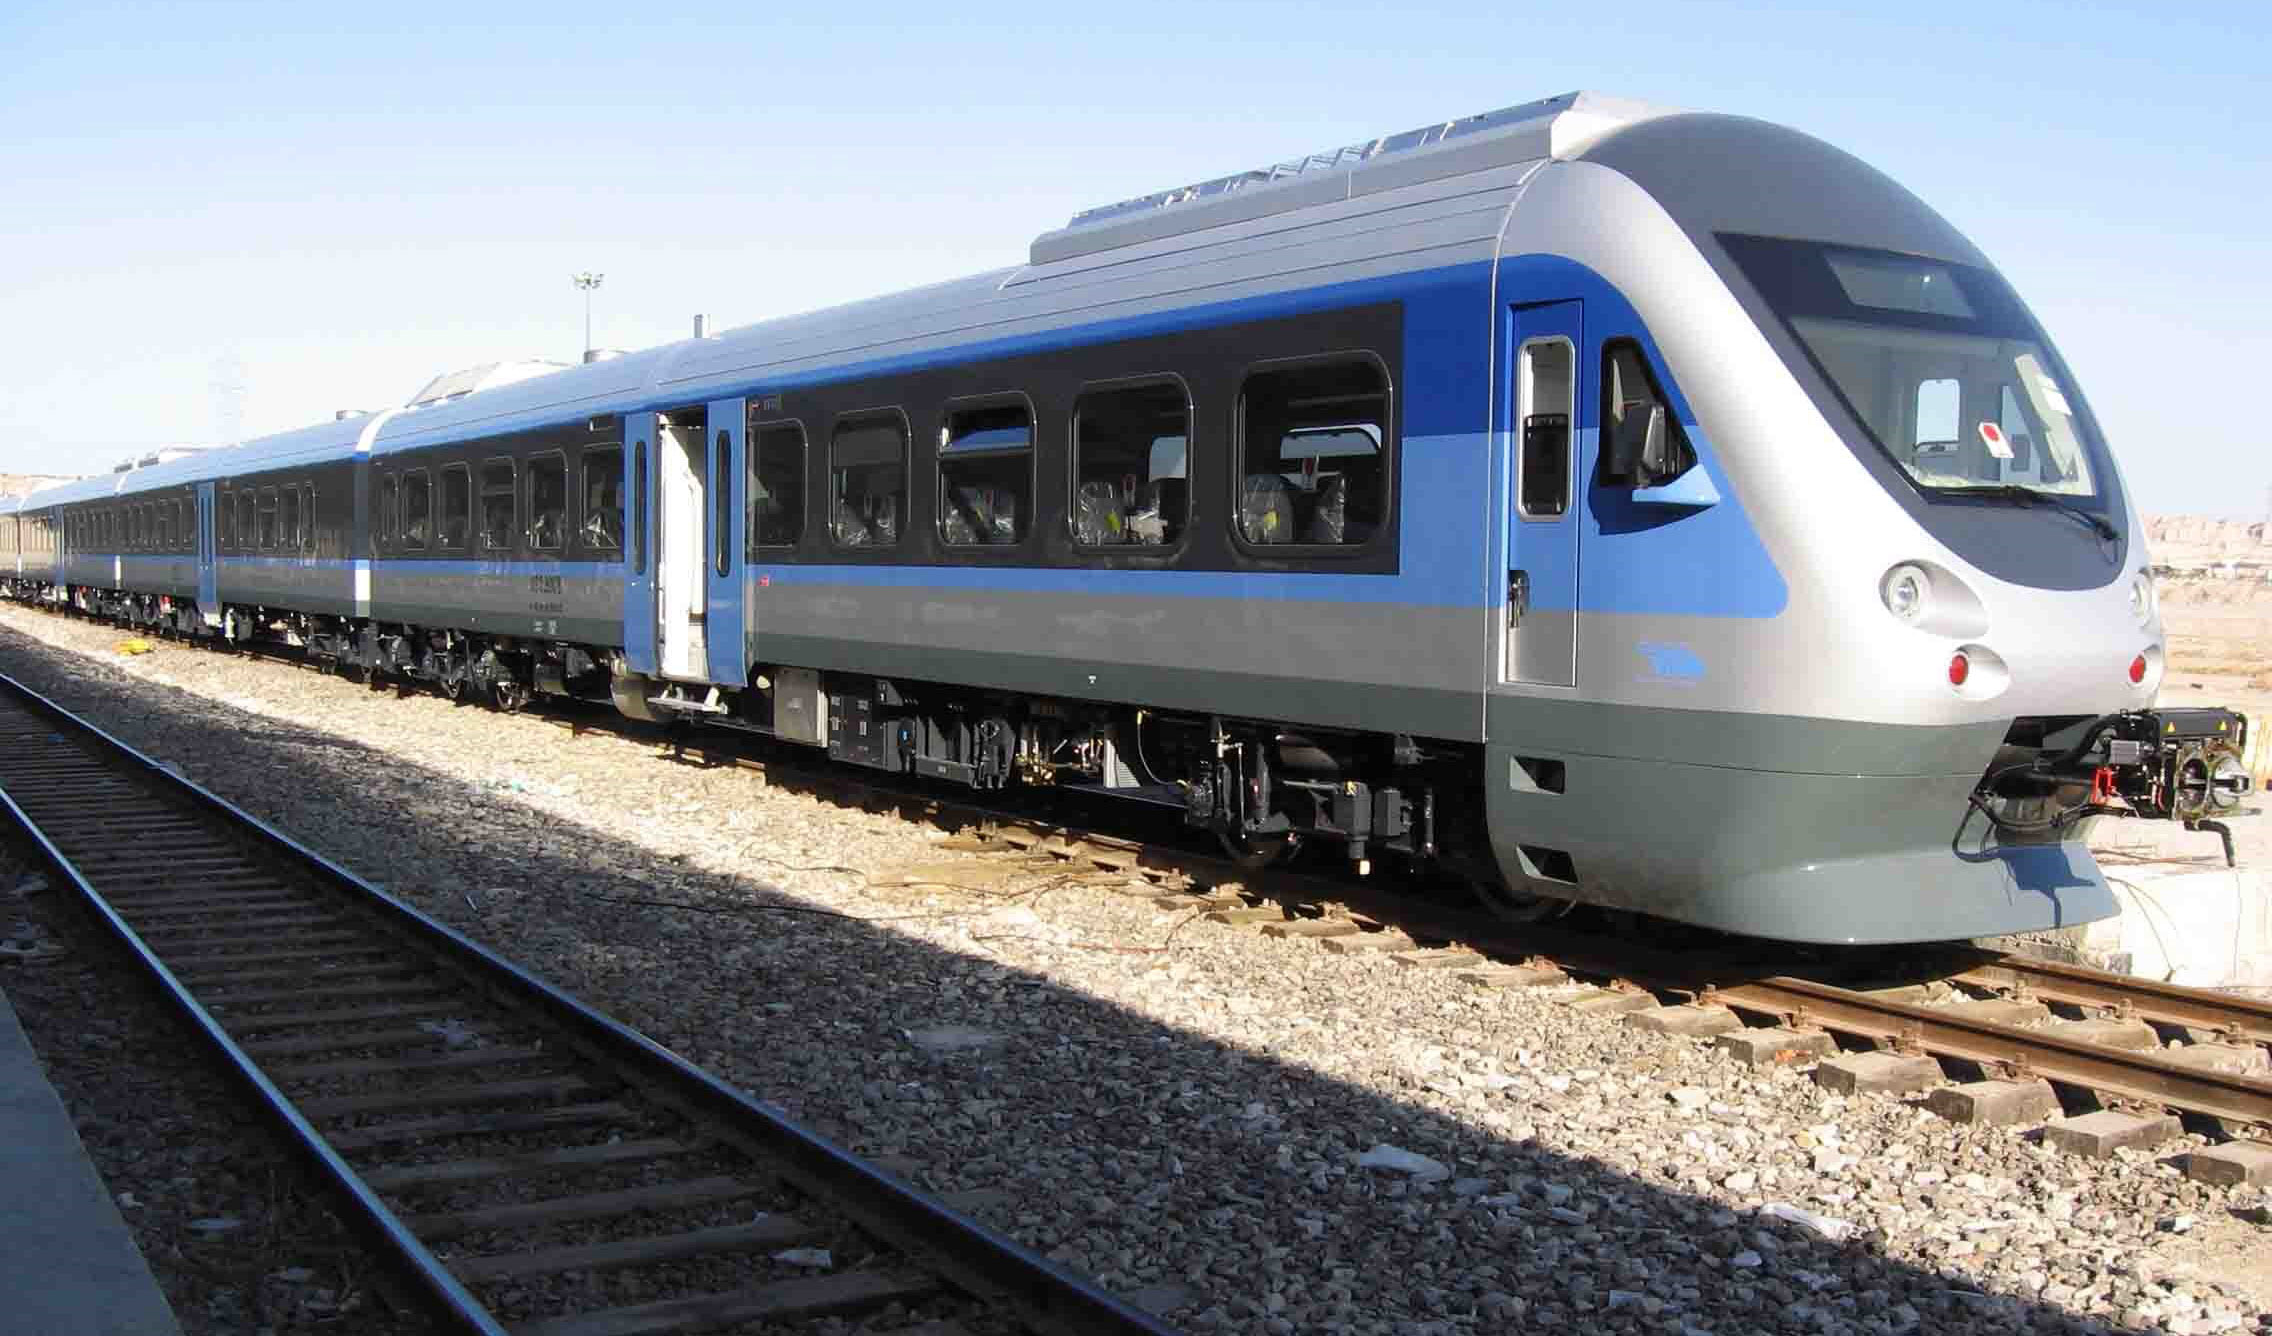 سرمایه گذاری 5 میلیارد دلاری برای توسعه زیرساختهای حملونقل ریلی کشور